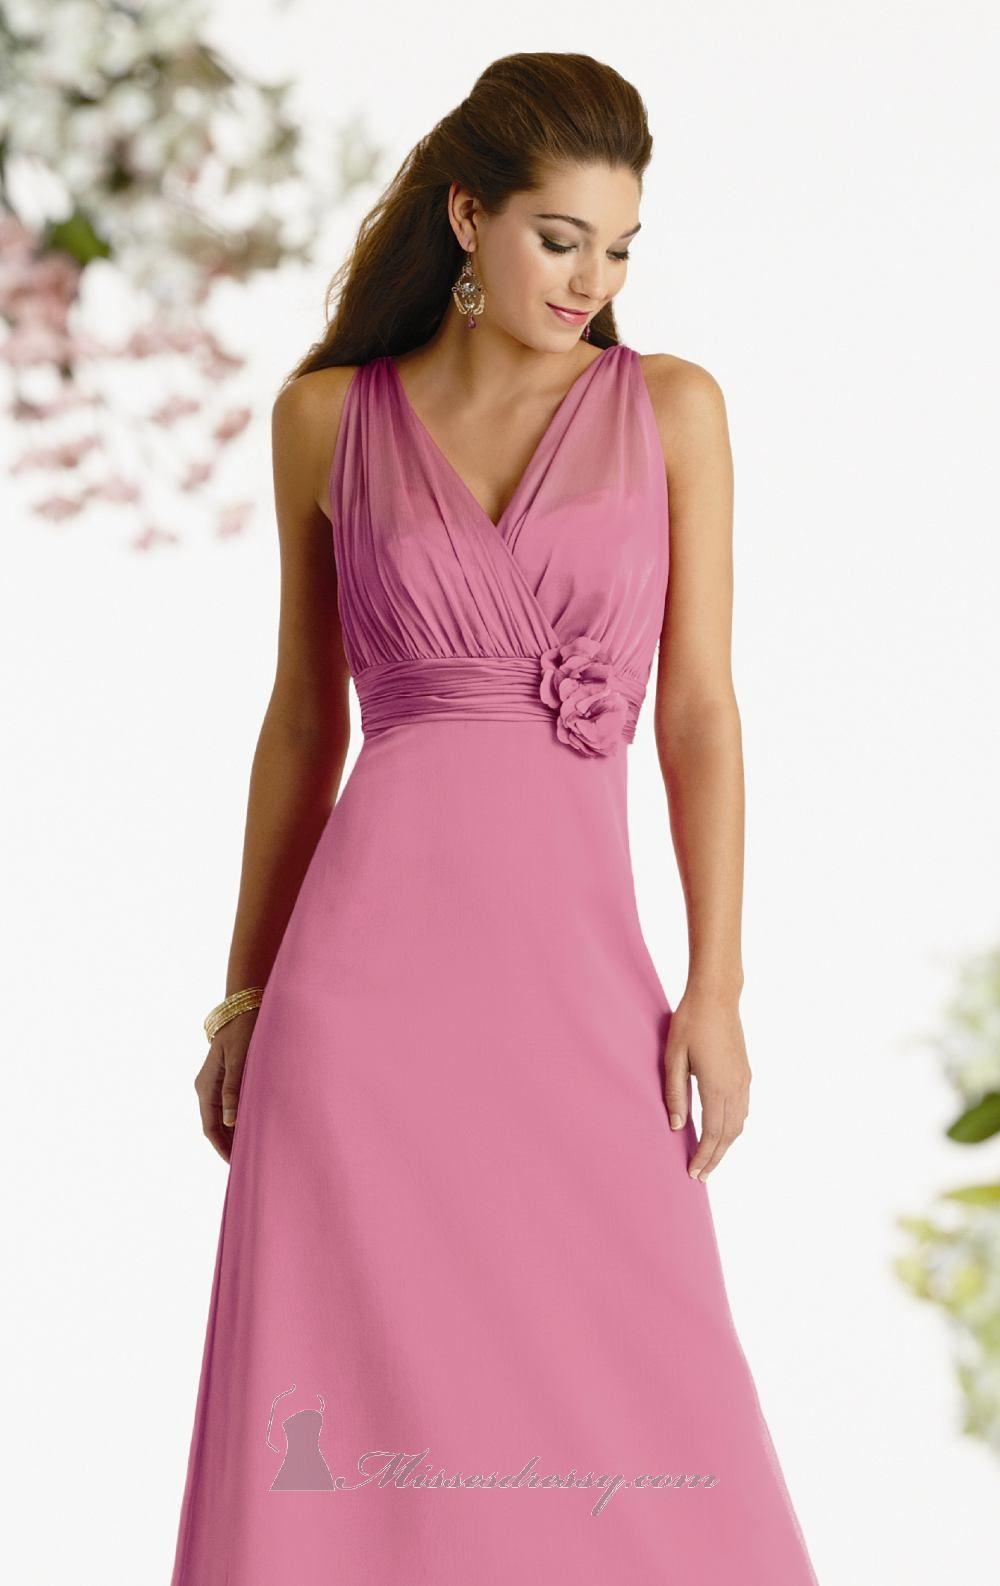 Multa Jordan Vestido De Dama 531 Ideas Ornamento Elaboración ...